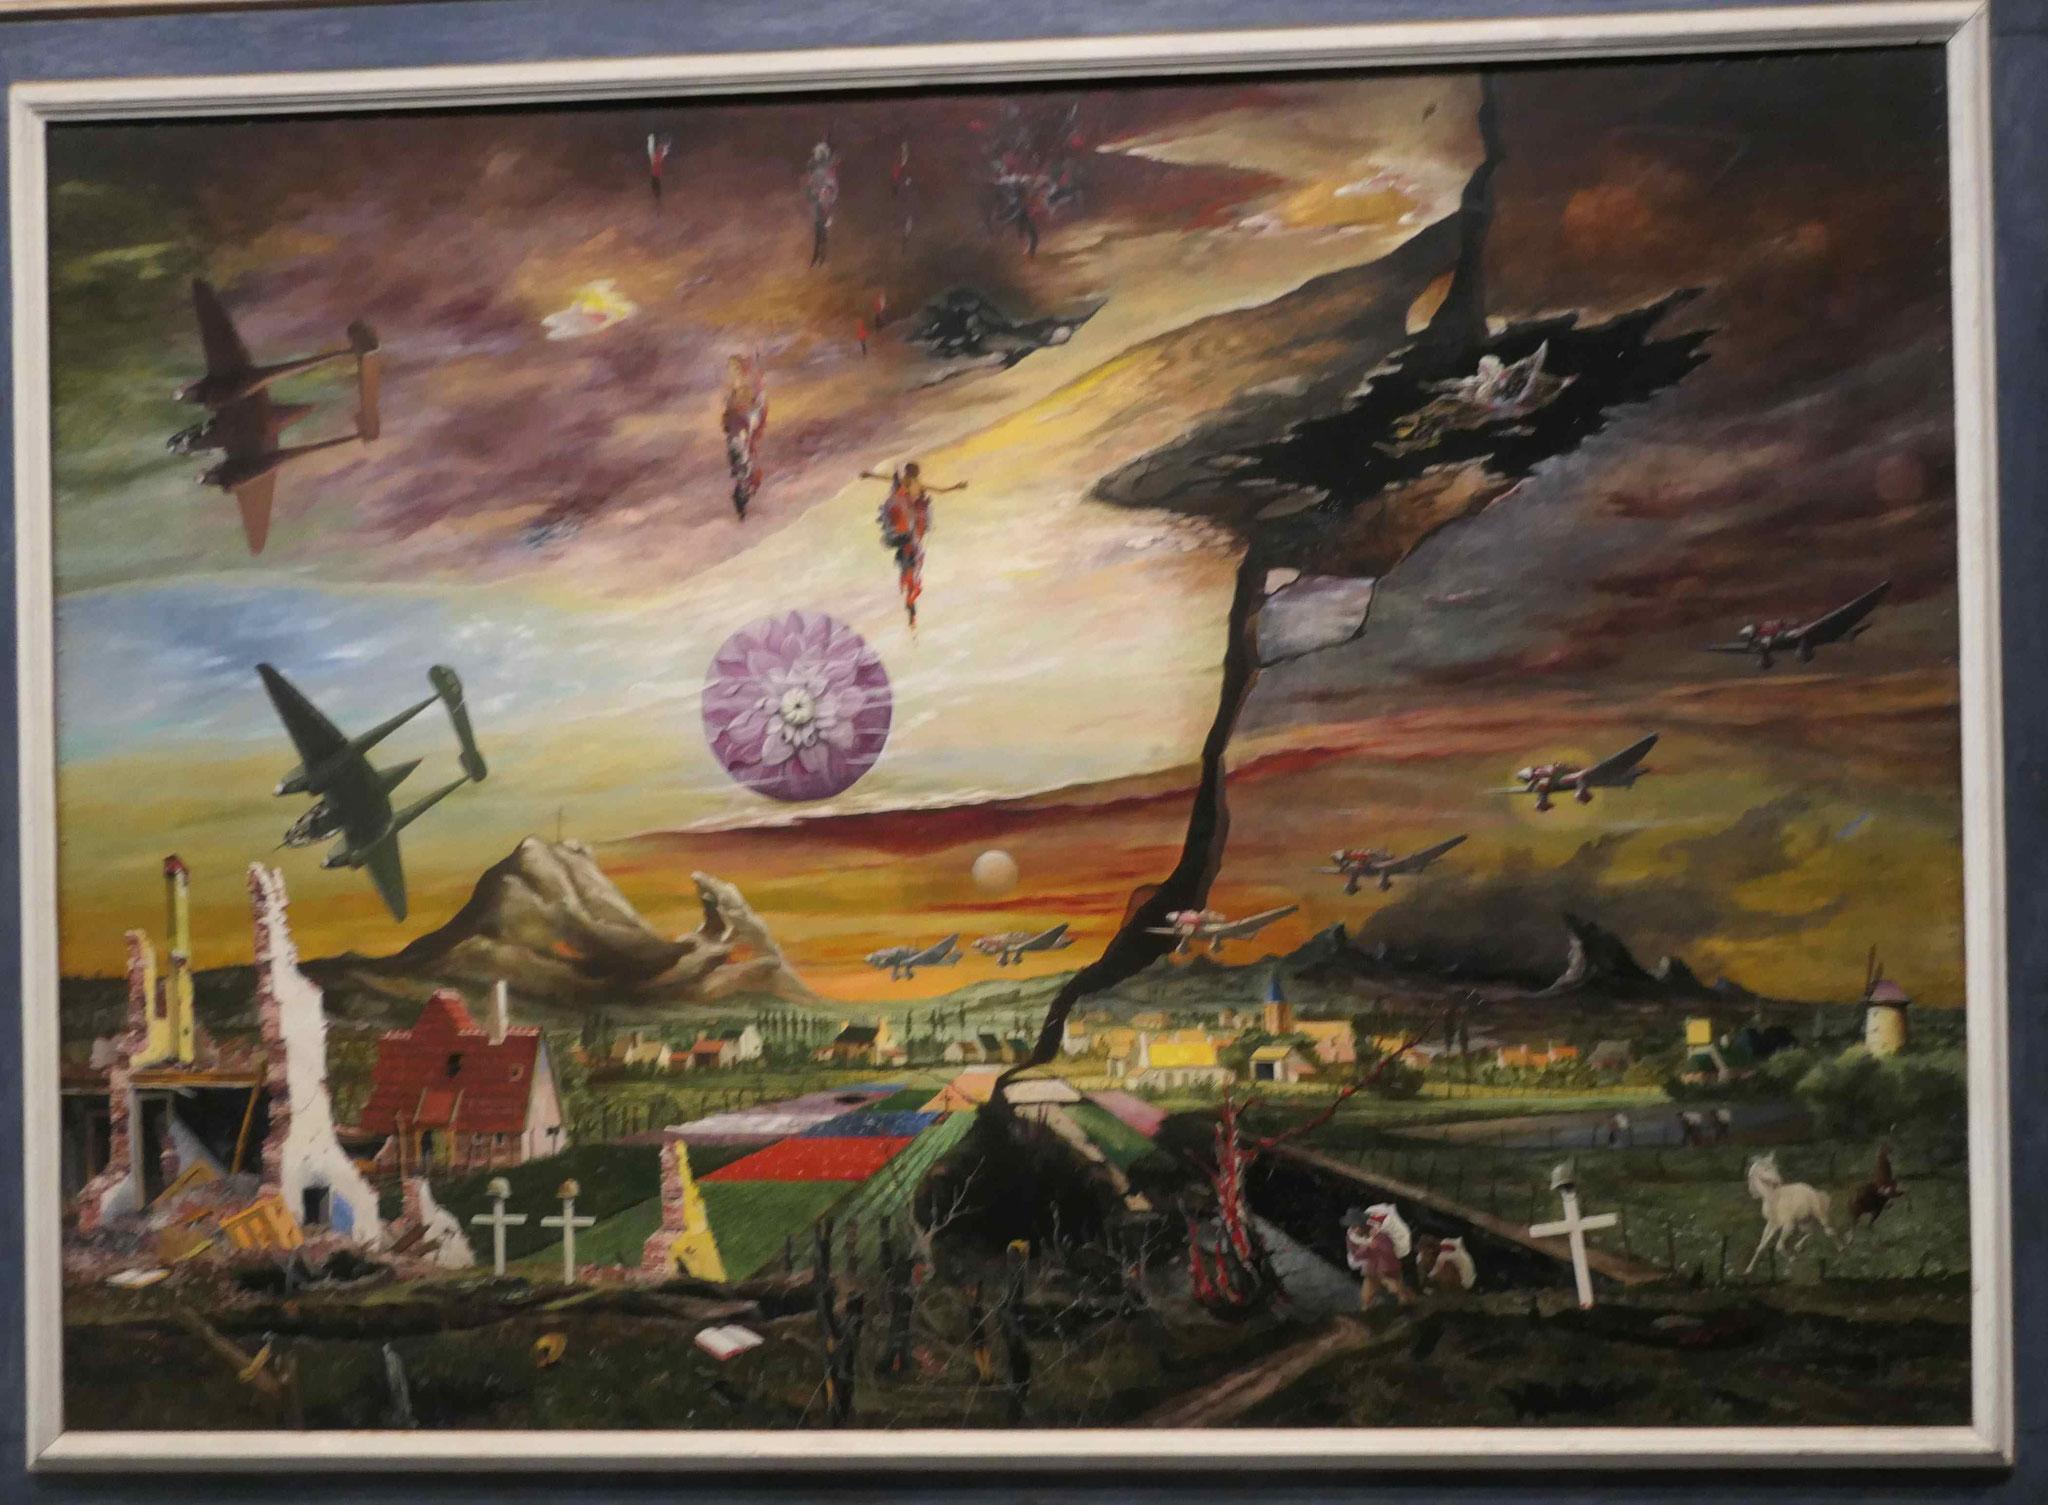 Franz Radziwill, Flandern (Wohin in dieser Welt), 1940/1950, Neue Nationalgalerie Berlin